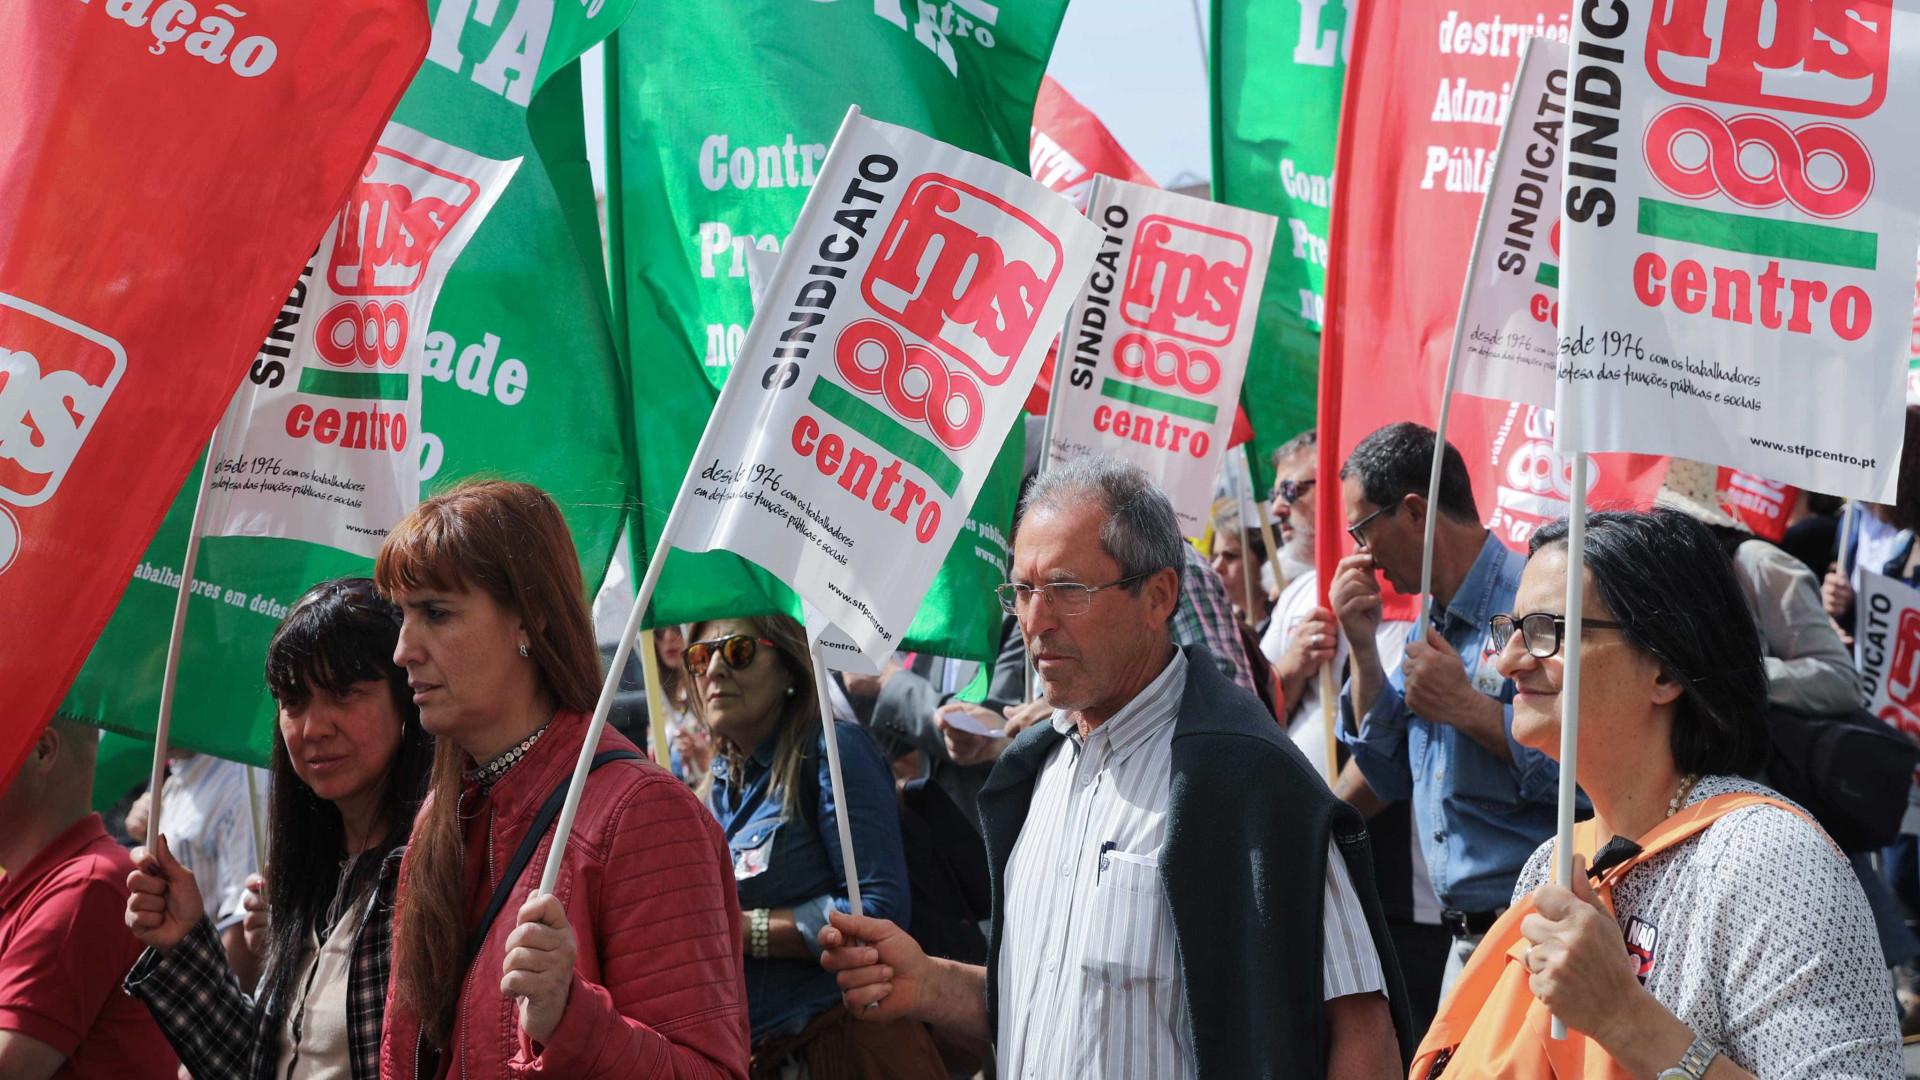 Funcionários das escolas rejeitam mais promessas e exigem soluções